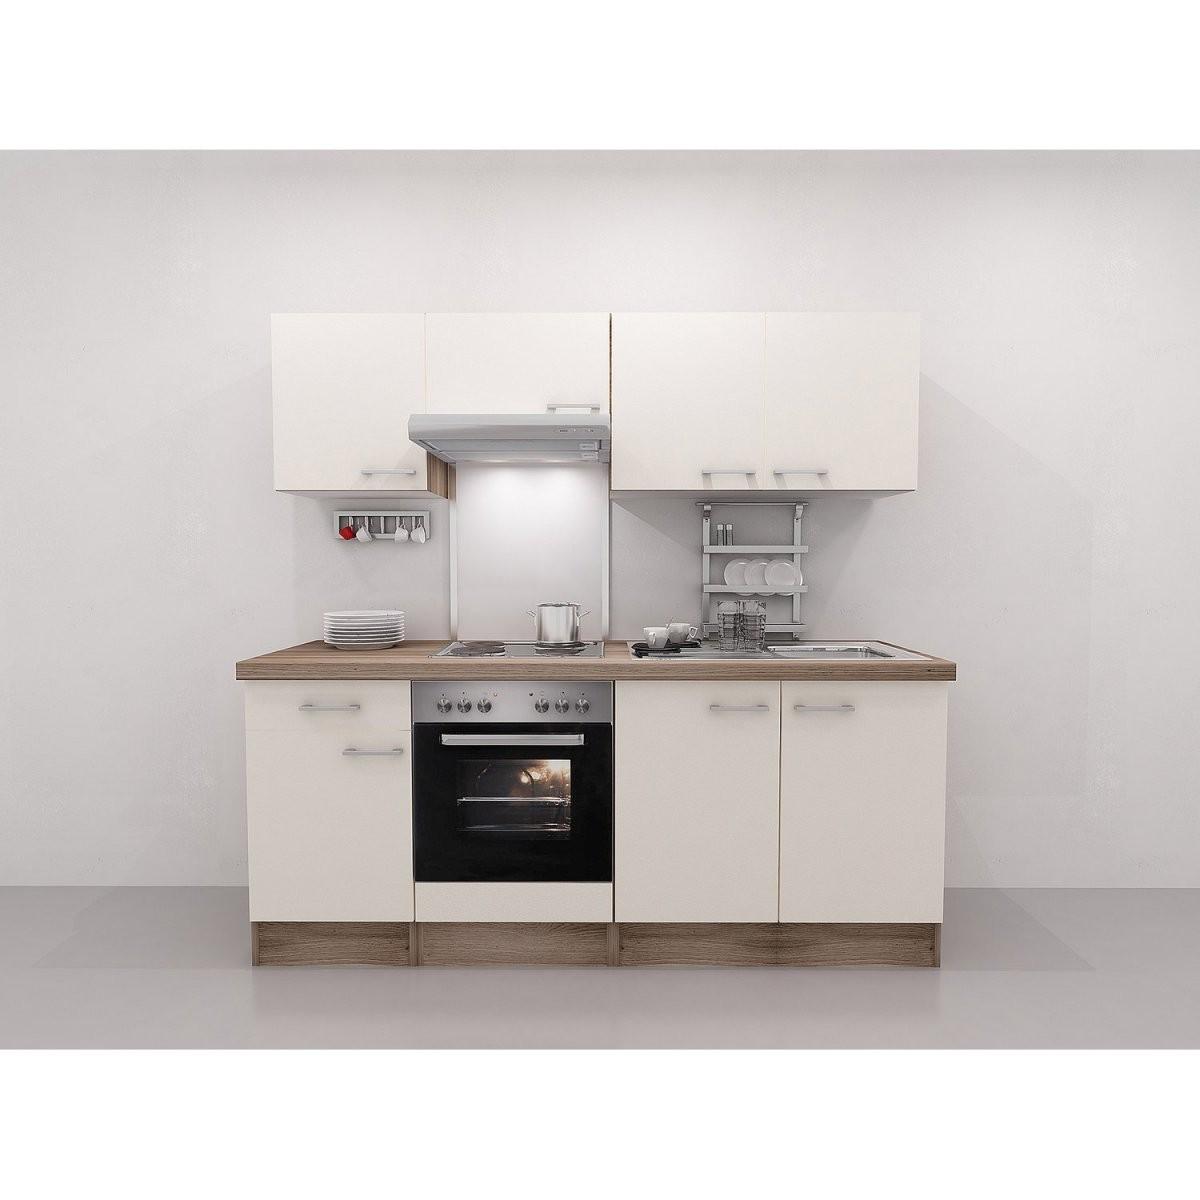 Küchenzeilen – Infos Und Günstig Online Kaufen von Küchenzeile Mit Elektrogeräten Ohne Kühlschrank Bild